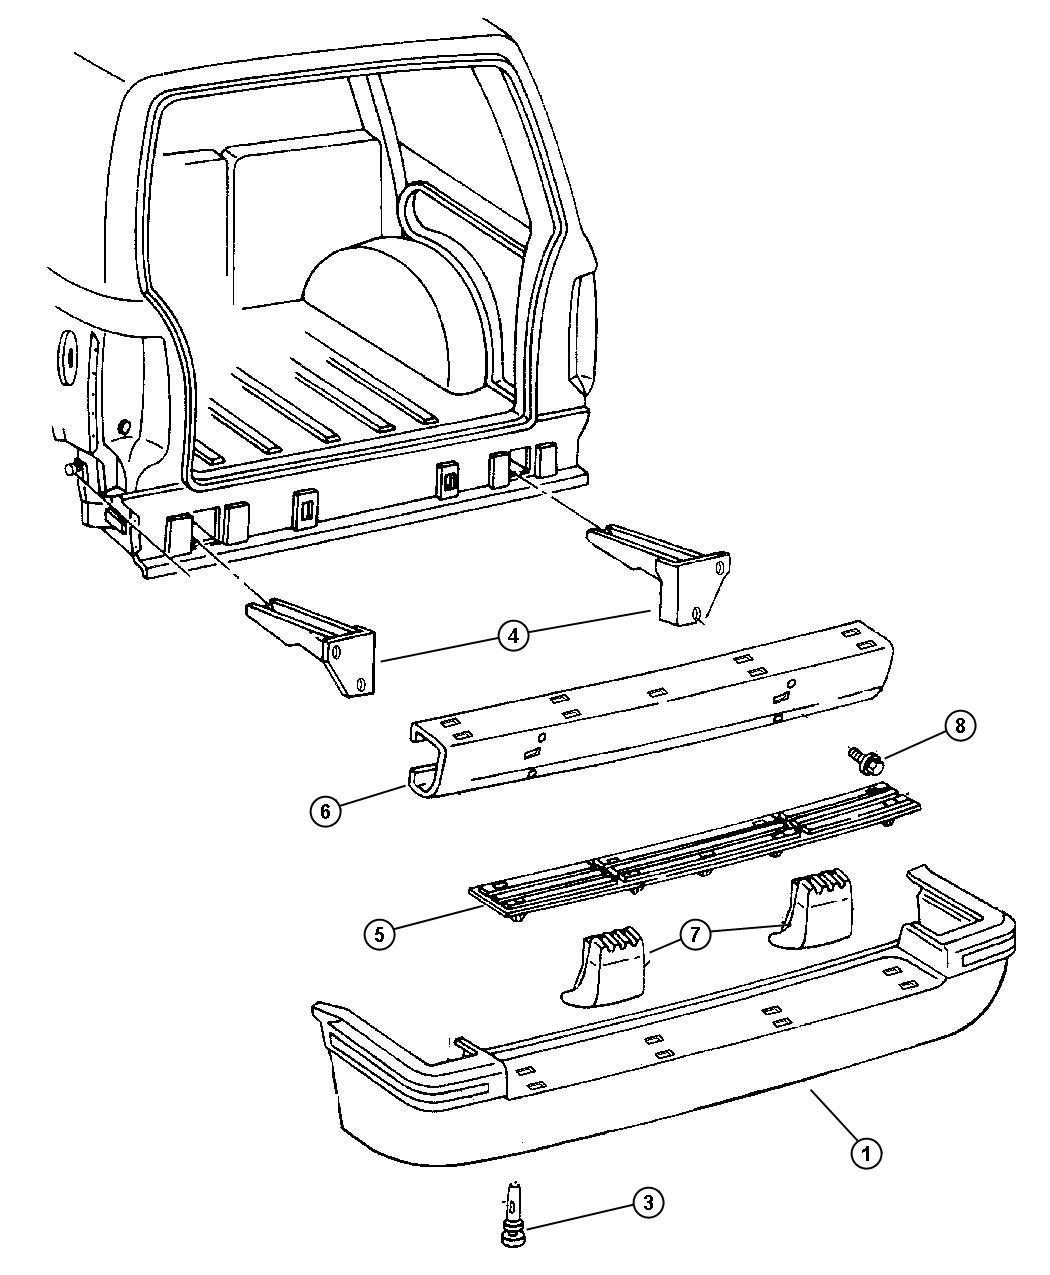 1997 Jeep Grand Cherokee Plate. Scuff. Rear bumper step